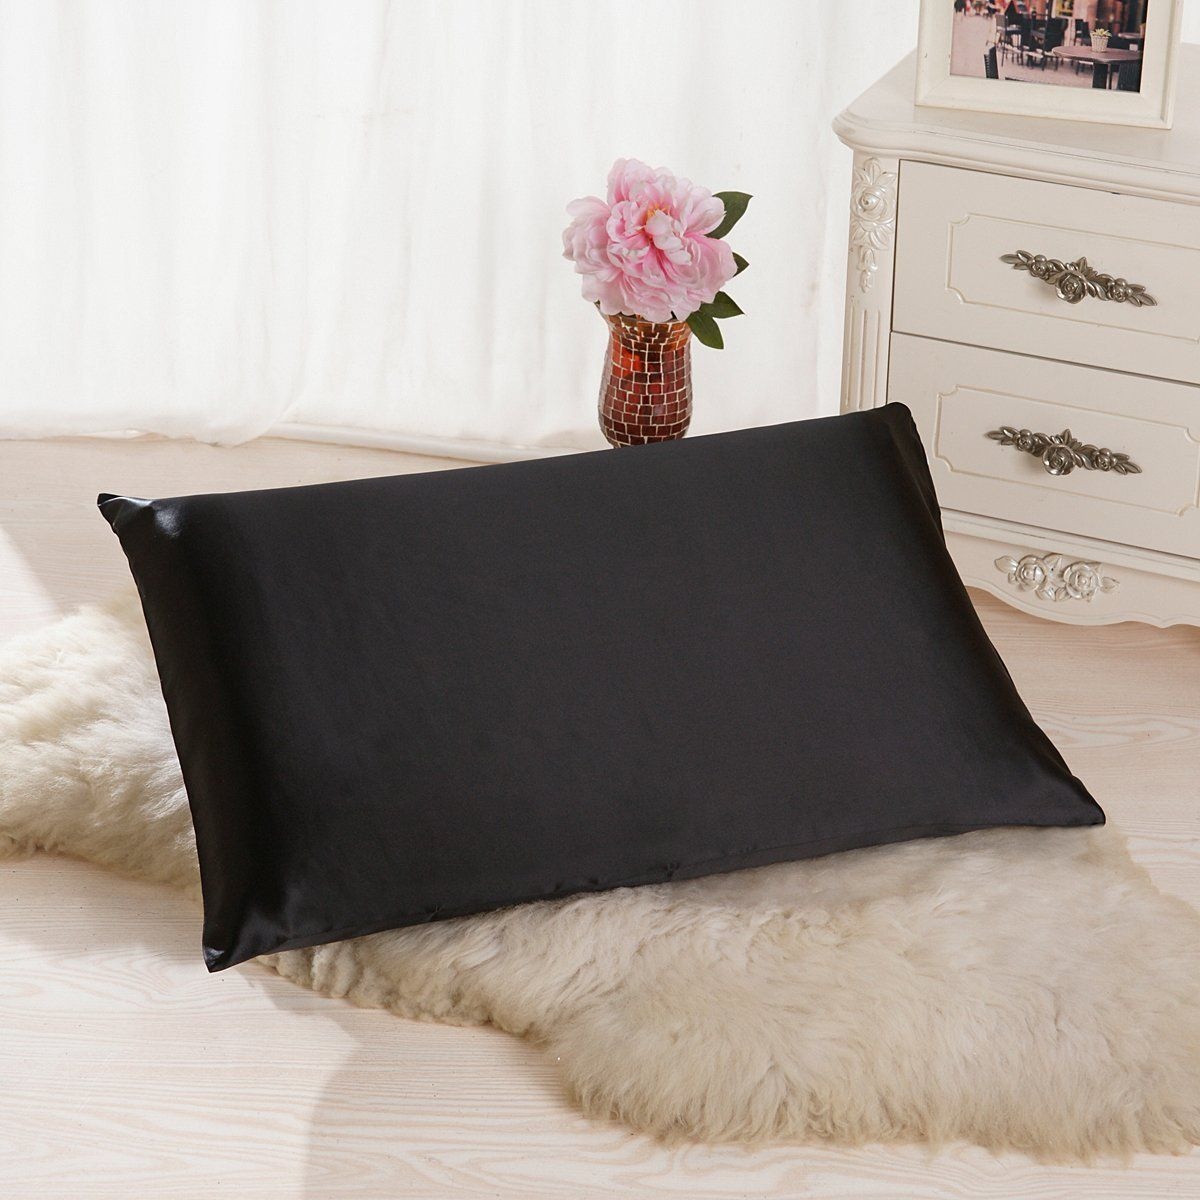 Amazon.com: ALASKA BEAR® - Natural Silk Pillowcase for Hair & Facial Beauty Queen Size, Black Pillow Shams Case with Hidden Zipper - Better than Satin, Polyester or Cotton Pillowcases (1, Black): Home & Kitchen